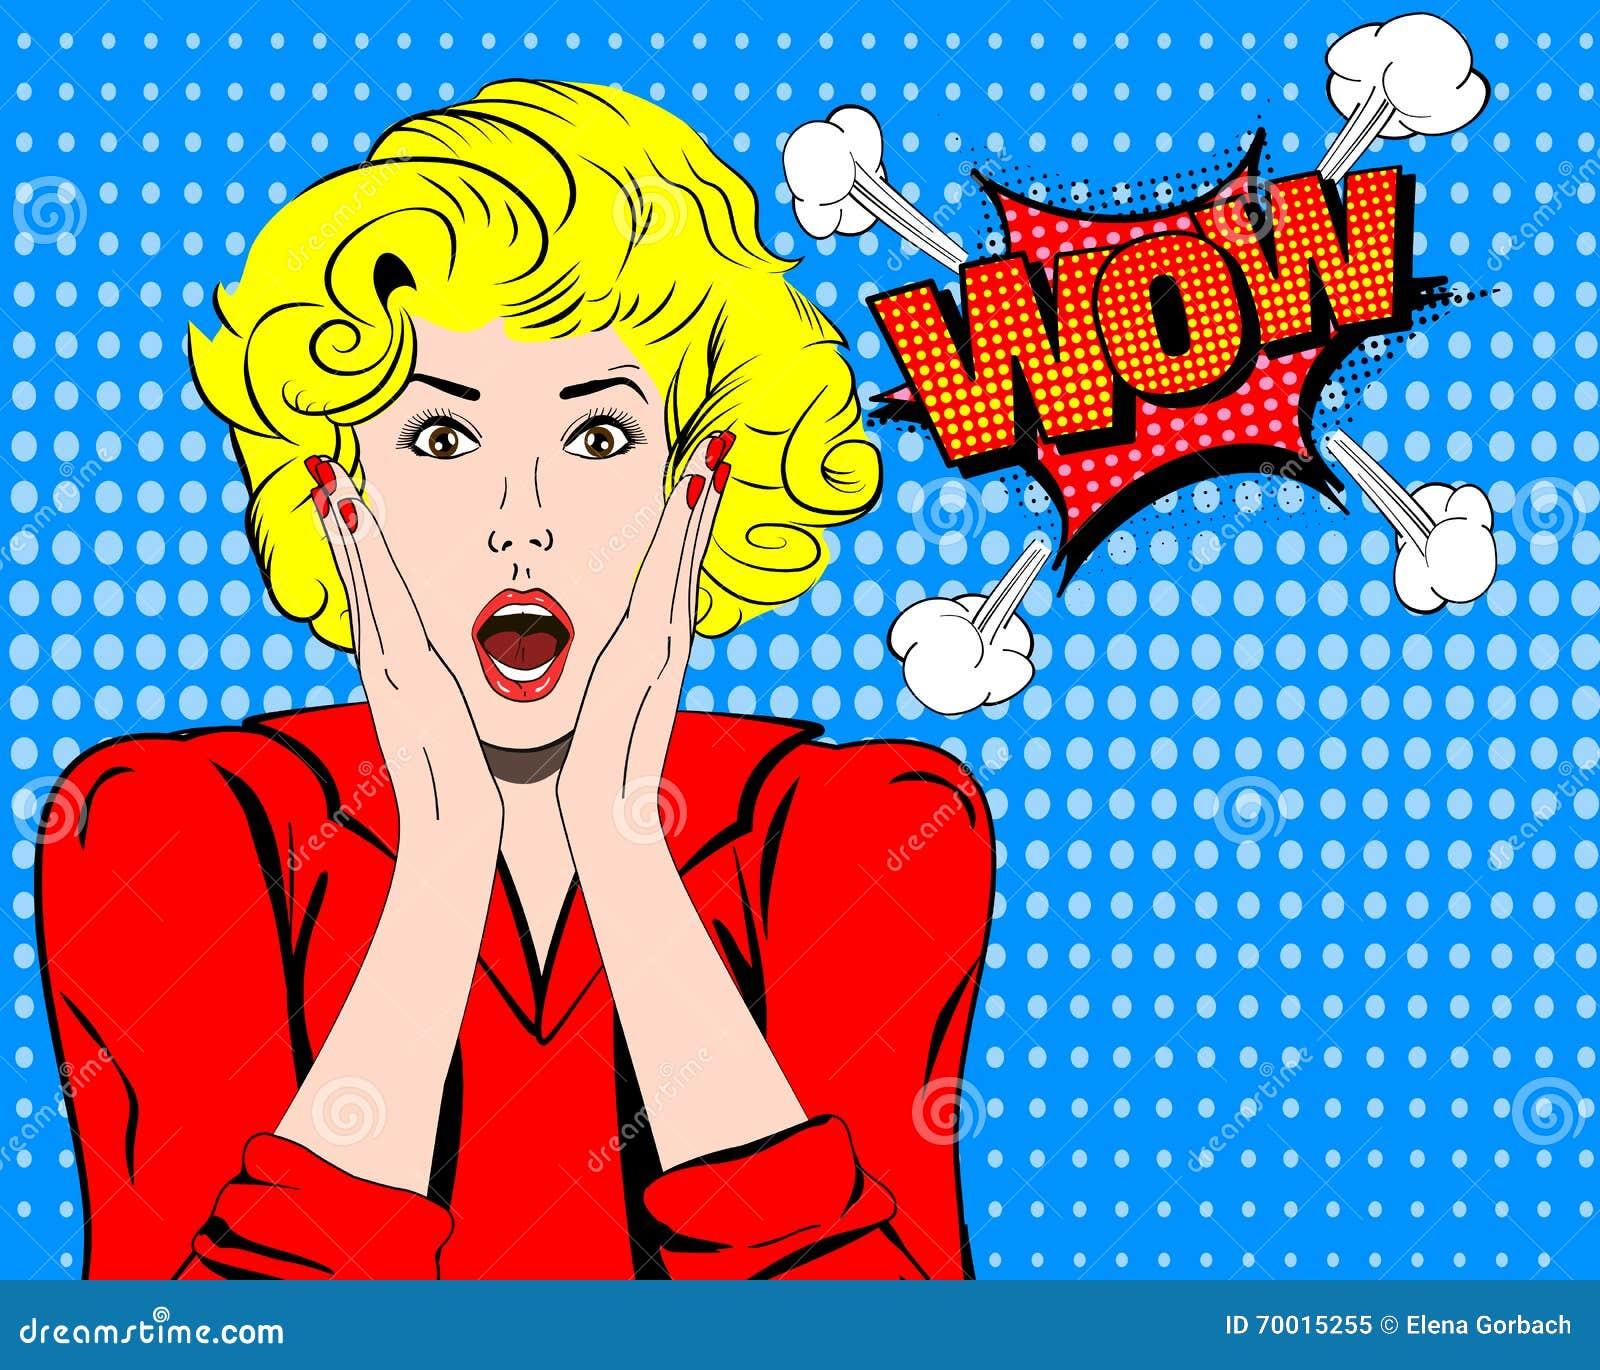 Wow Wow πρόσωπο Wow έκφραση Έκπληκτη γυναίκα με το ανοικτό στοματικό διάνυσμα Λαϊκή γυναίκα κατάπληξης τέχνης Wow συγκίνηση Wow κ